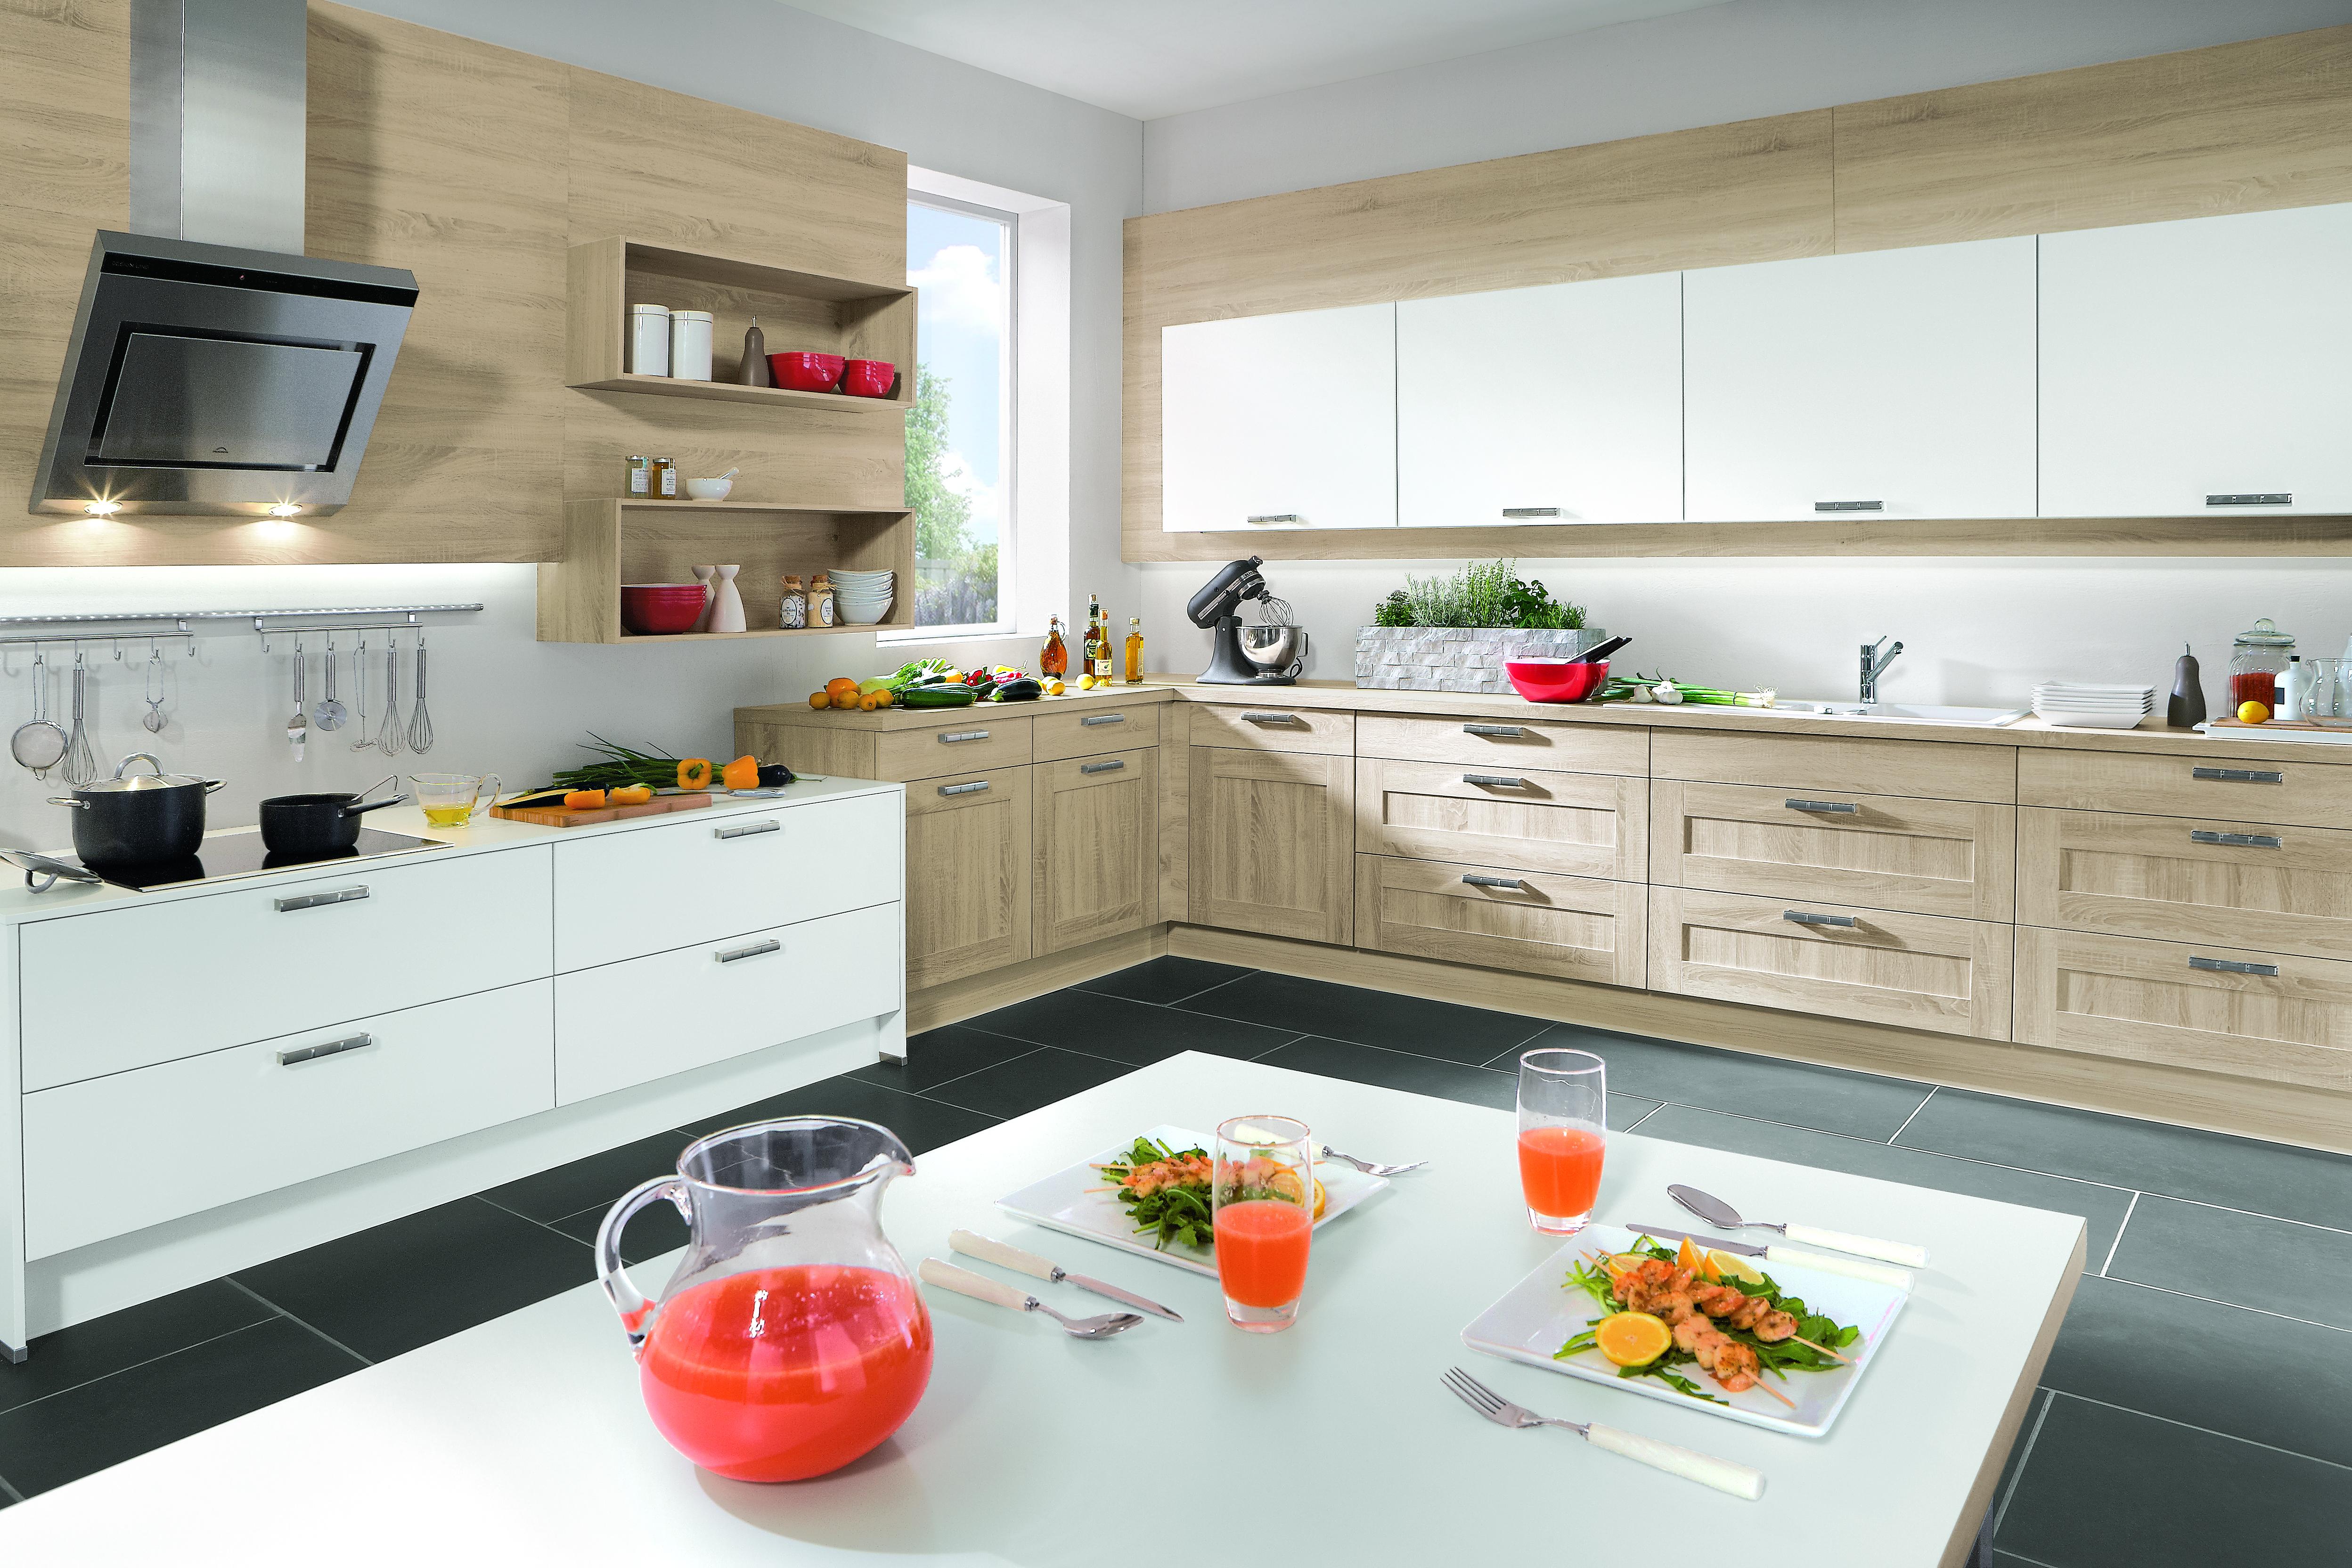 köksrenoveringen, kök, renovering, bygga nytt, skiss, skissa, köket, köksrenovering, Checklista, budgettips, bänkytor, spis, vask, förvaring, kyl, frys, kakel, kranar, köksluckor, belysning, köksbänk